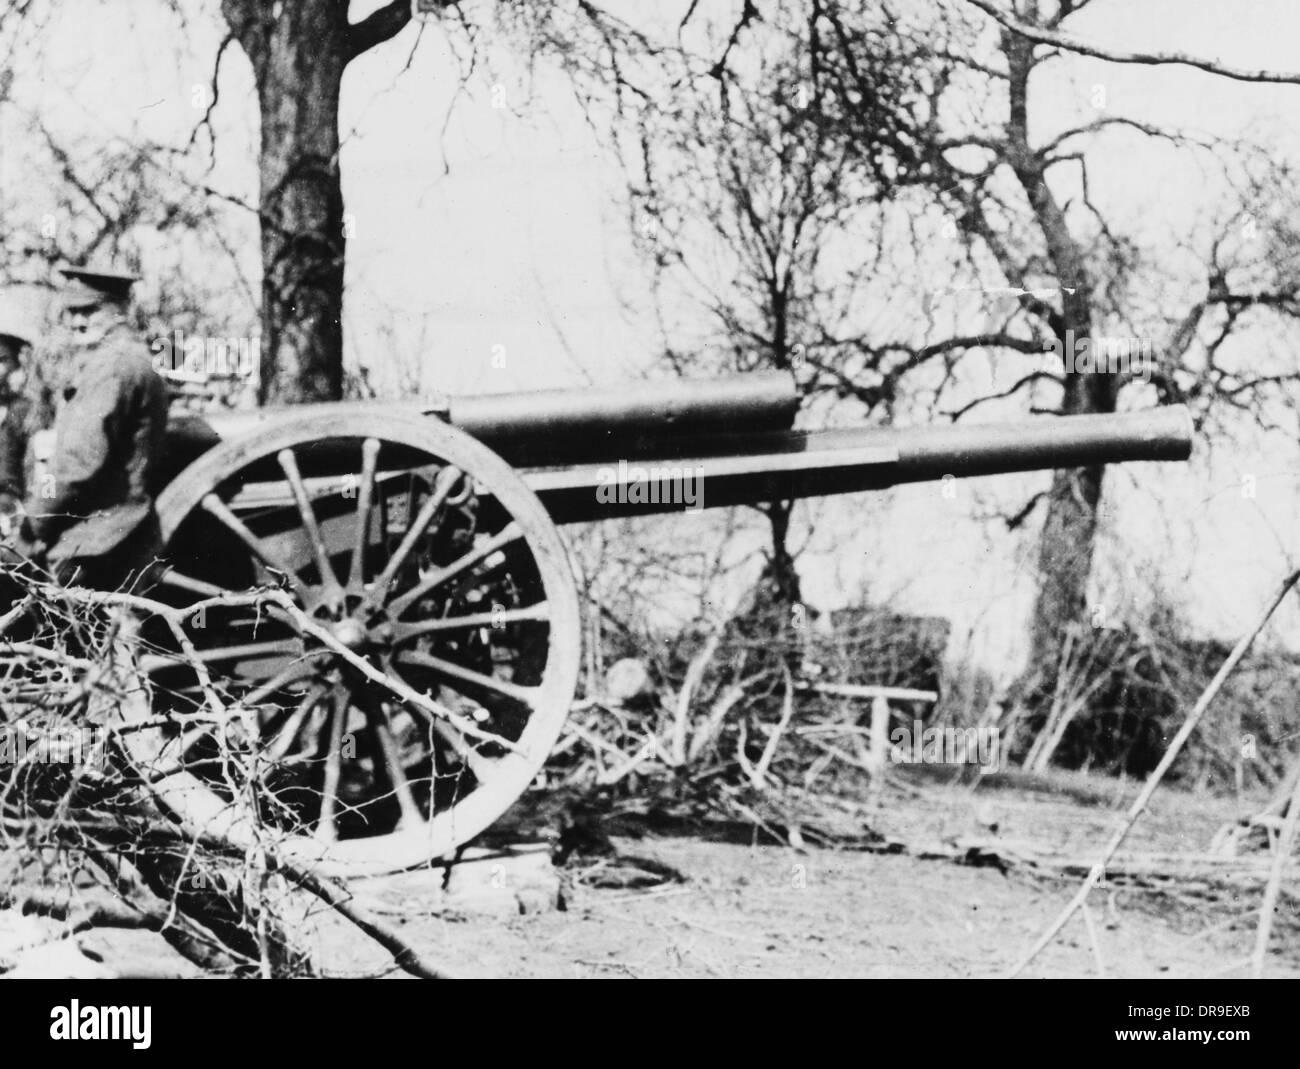 60 pounder 1915 - Stock Image